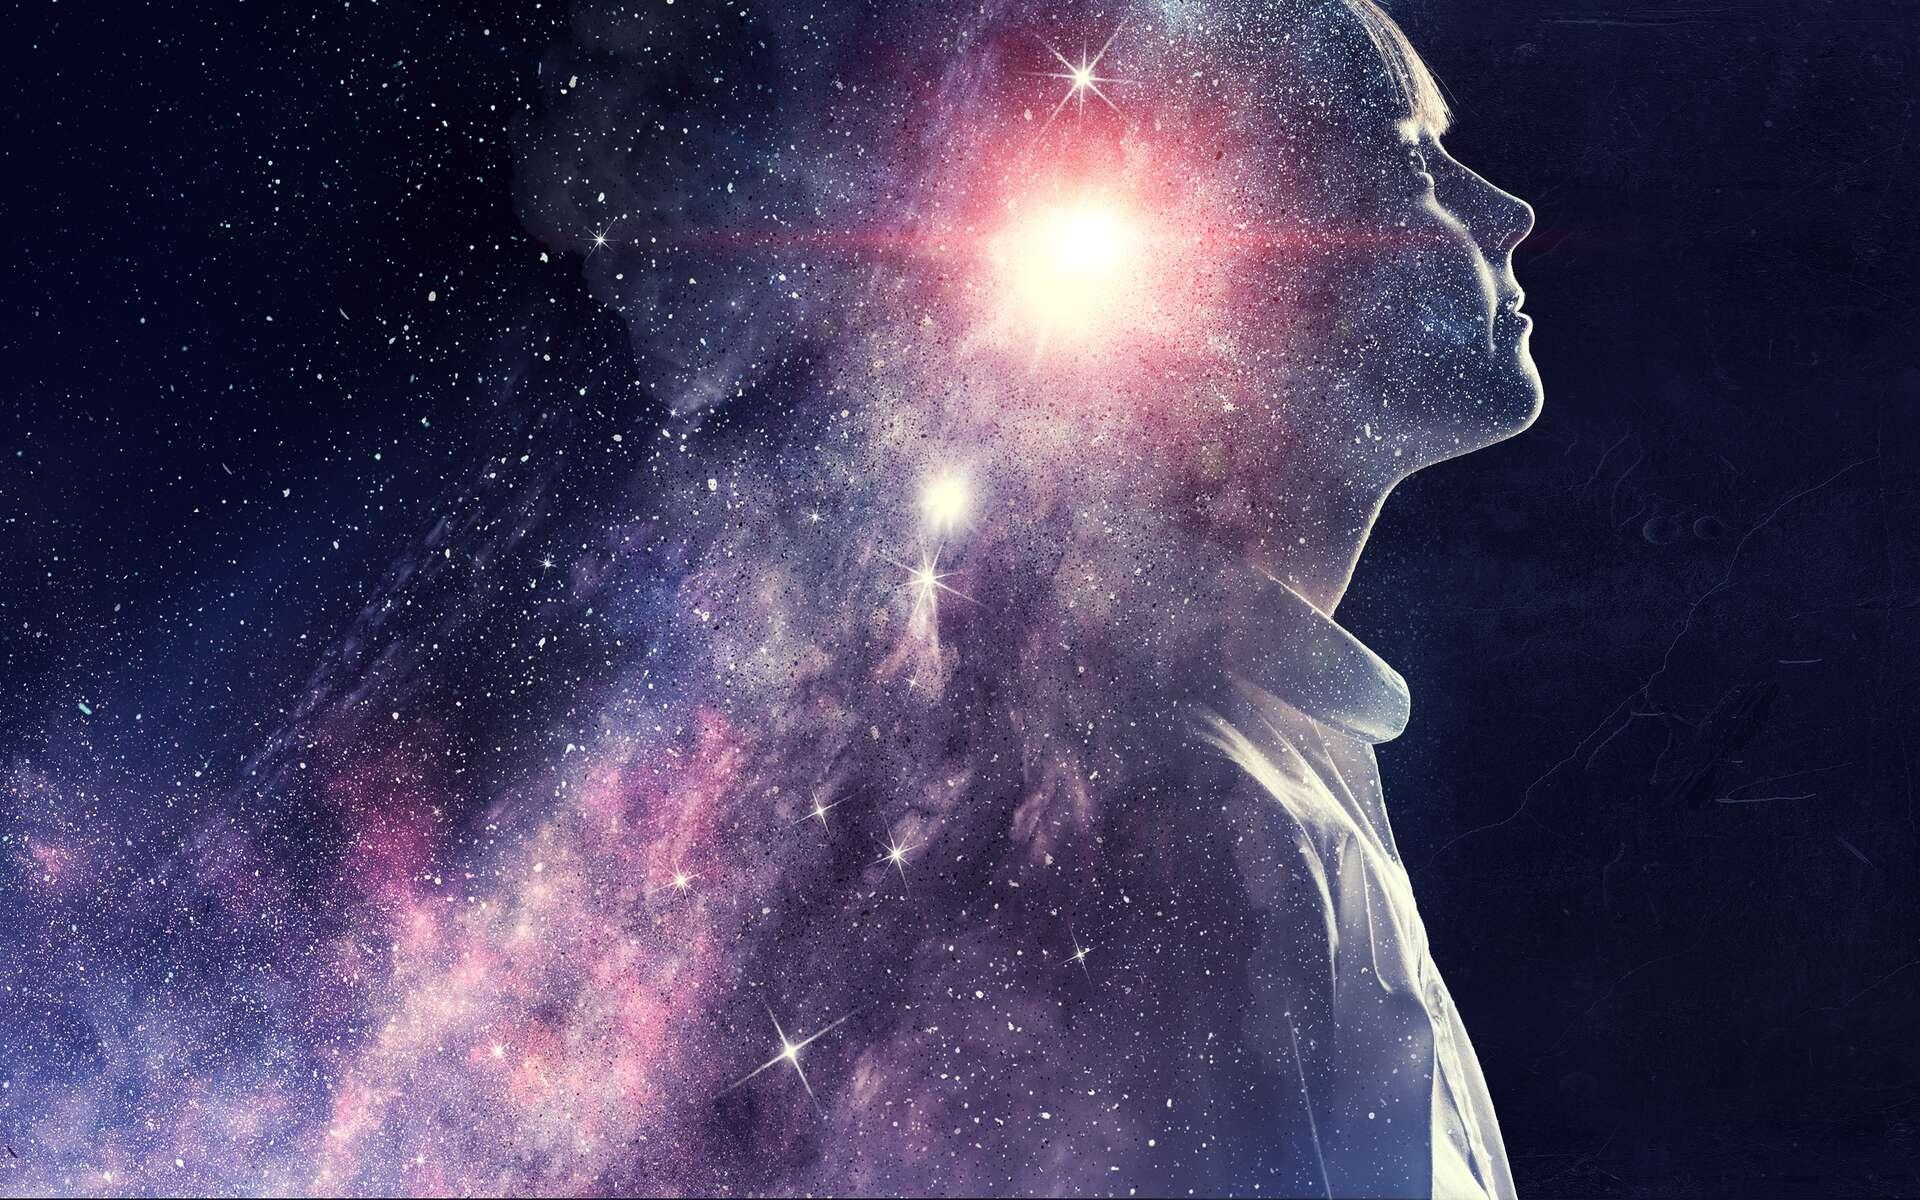 Ender devra quitter la Terre pour partir à l'école de Guerre située dans l'espace. © Sergey Nivens, Adobe Stock